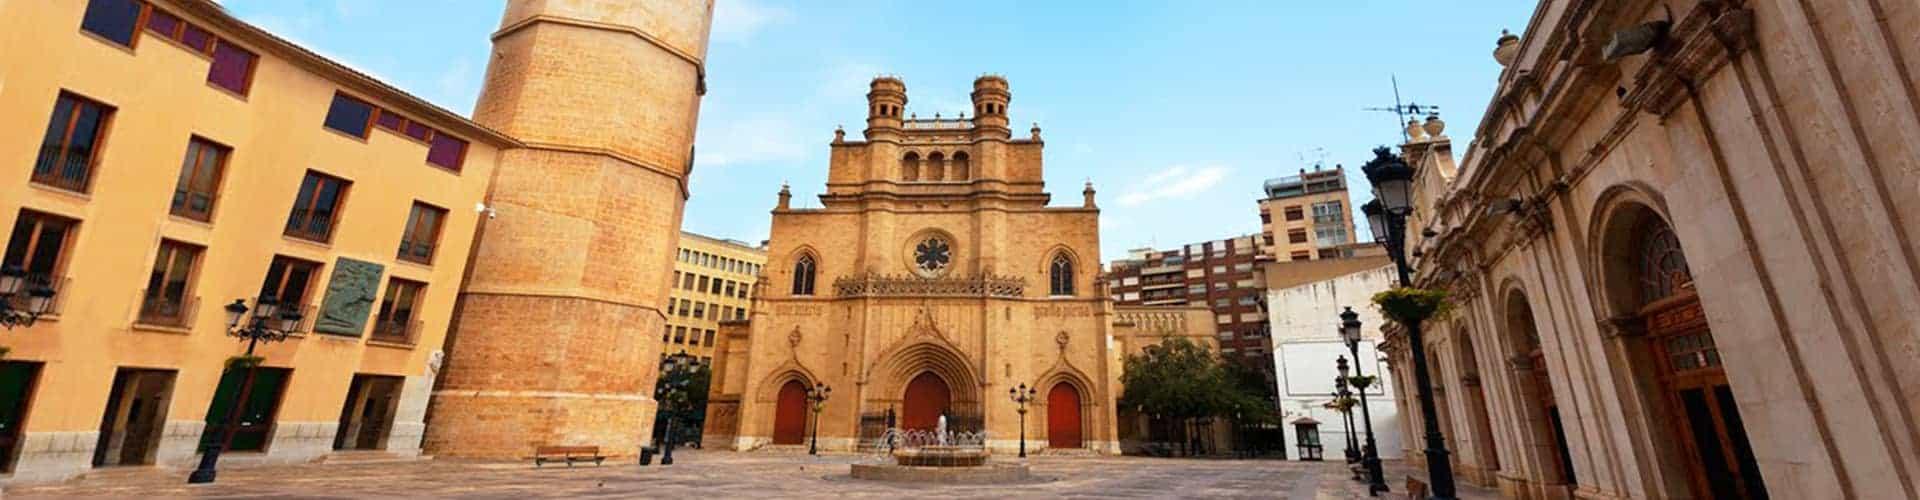 Free Tour Castellón - Turismo de España